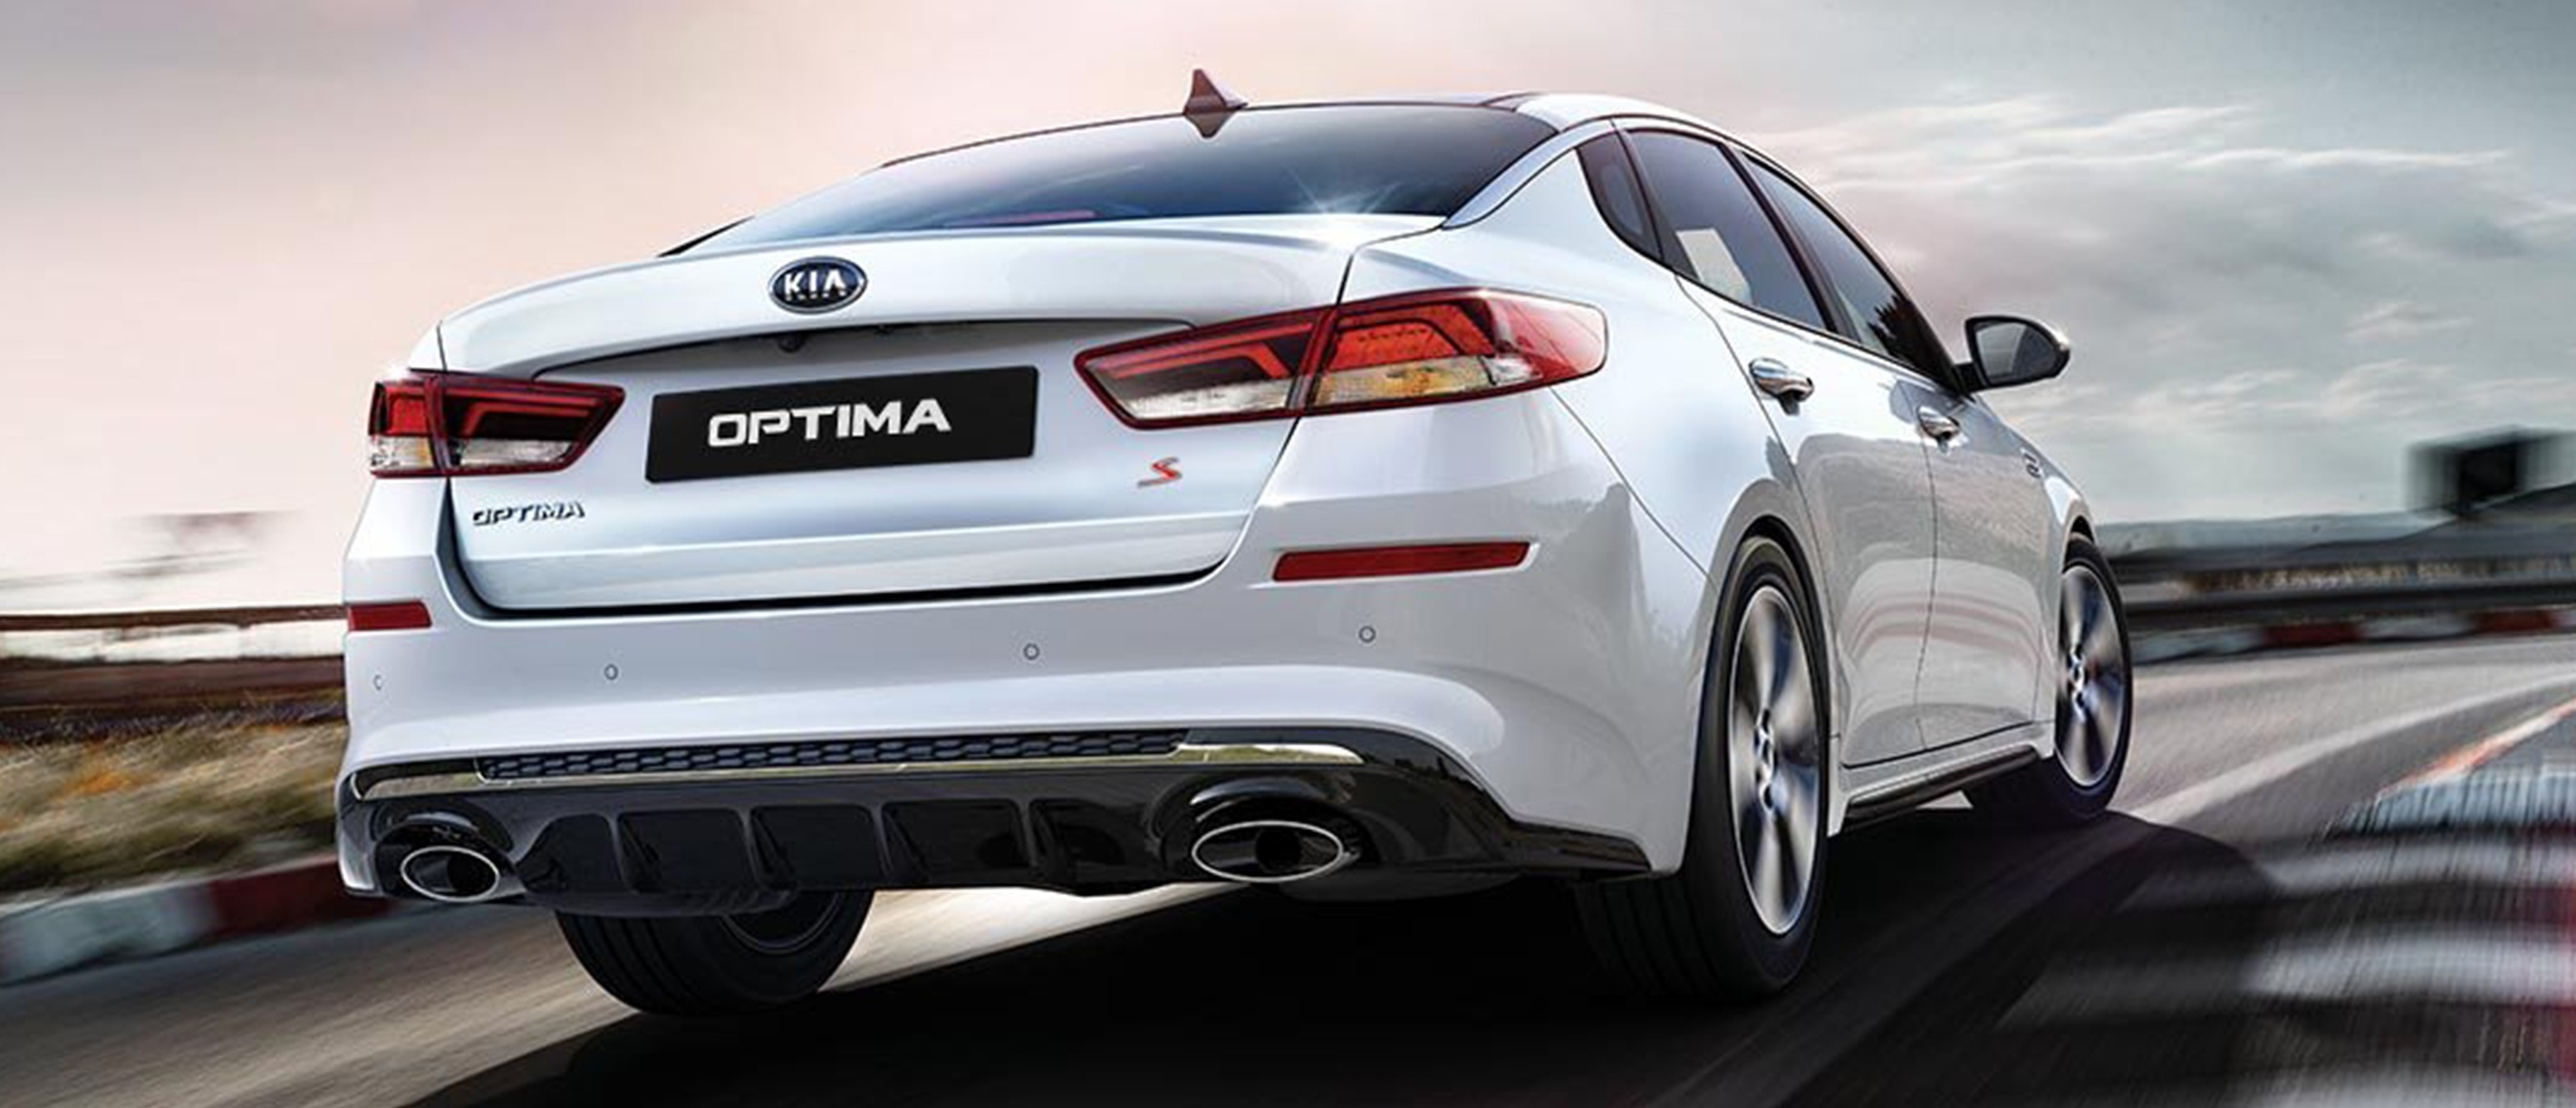 2020 Kia Optima vs 2020 Ford Fusion in Chicago, IL